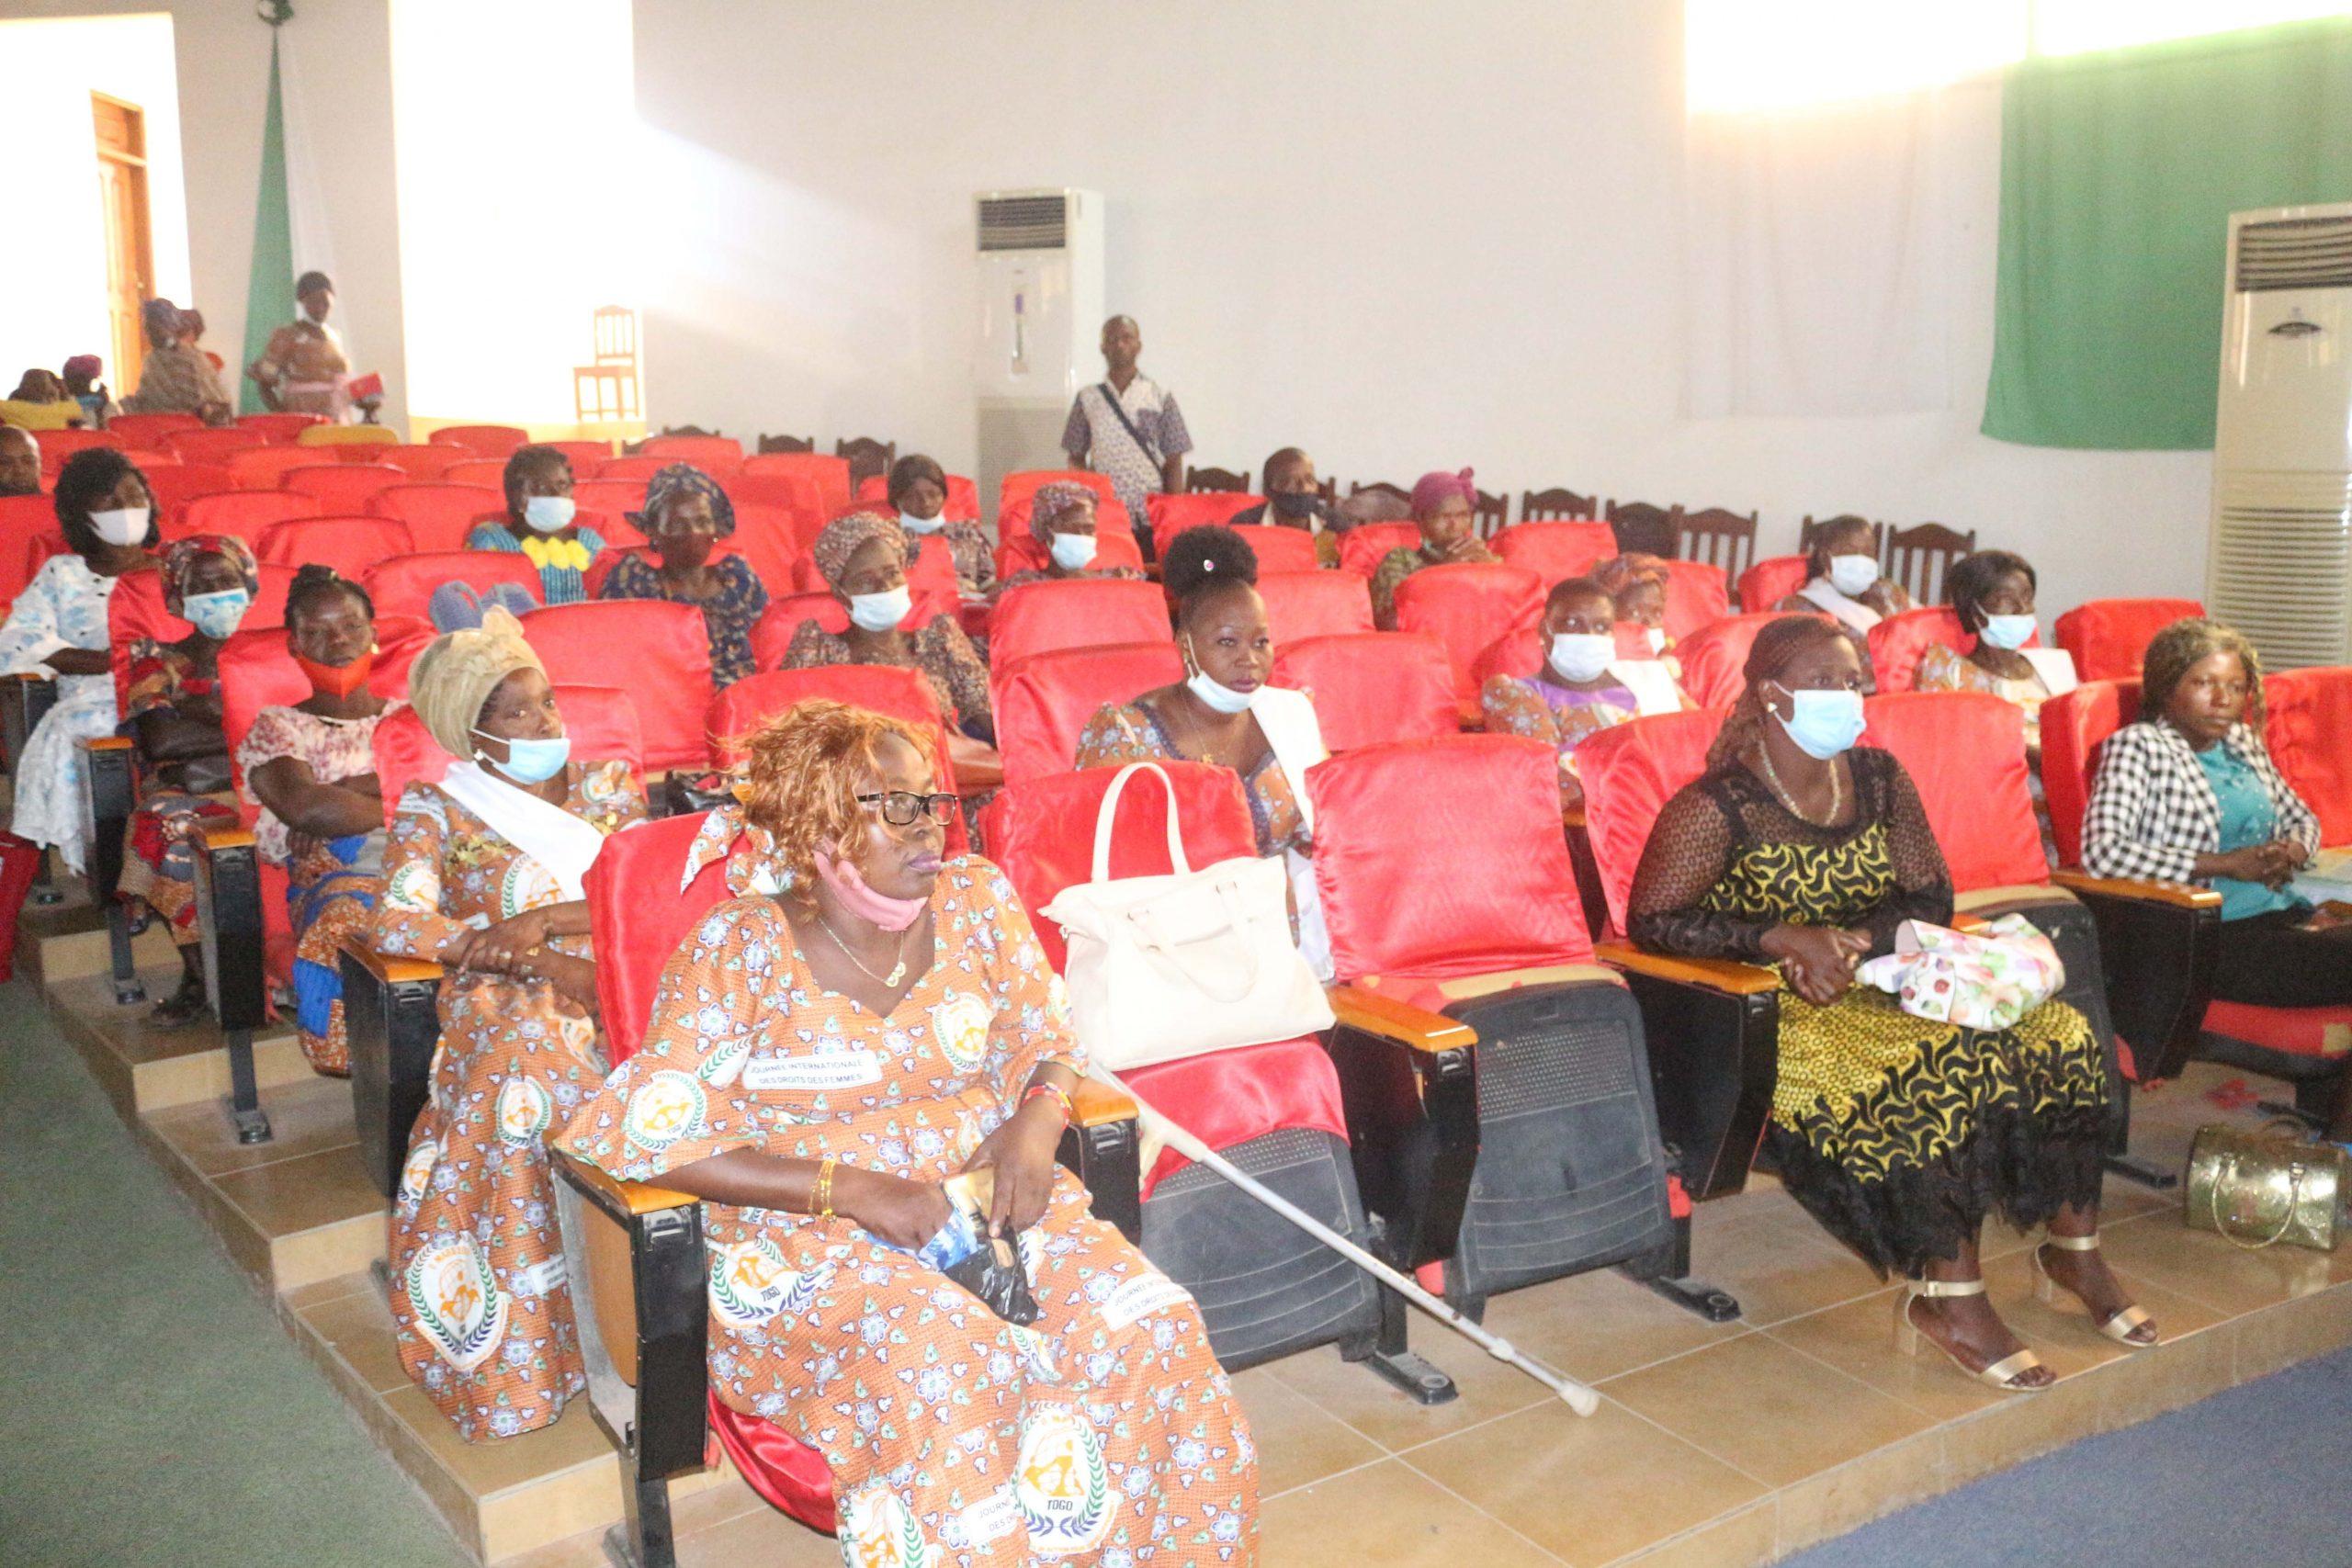 RAFAD Renforcement du leadership feminin pour une gouvernance locale participative et equilibre dans la ville de Kara2 scaled